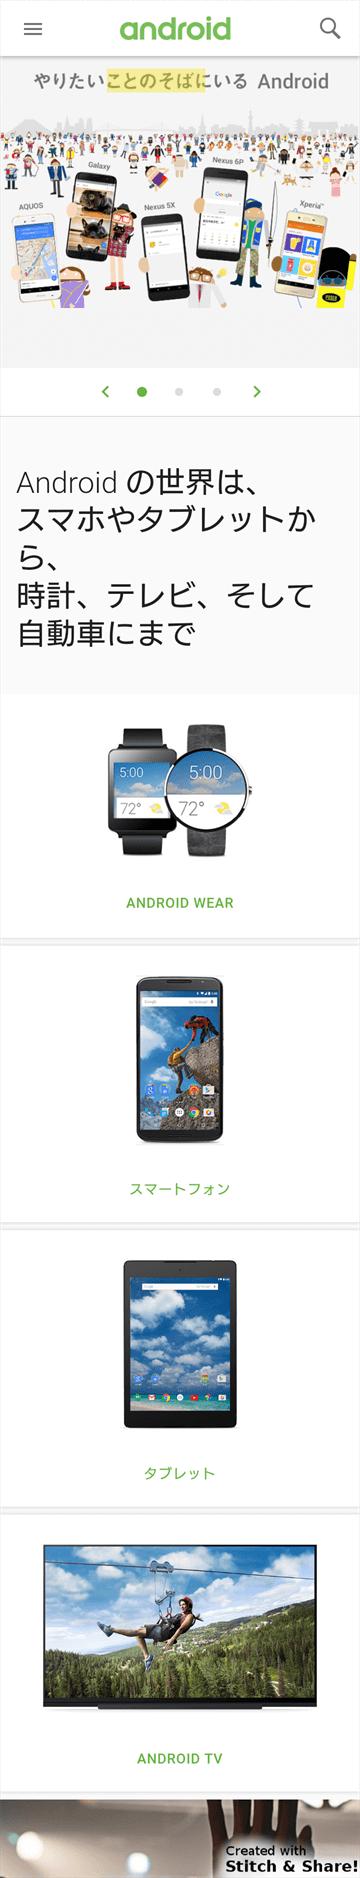 Android.comを縦長スクリーンショット撮影した